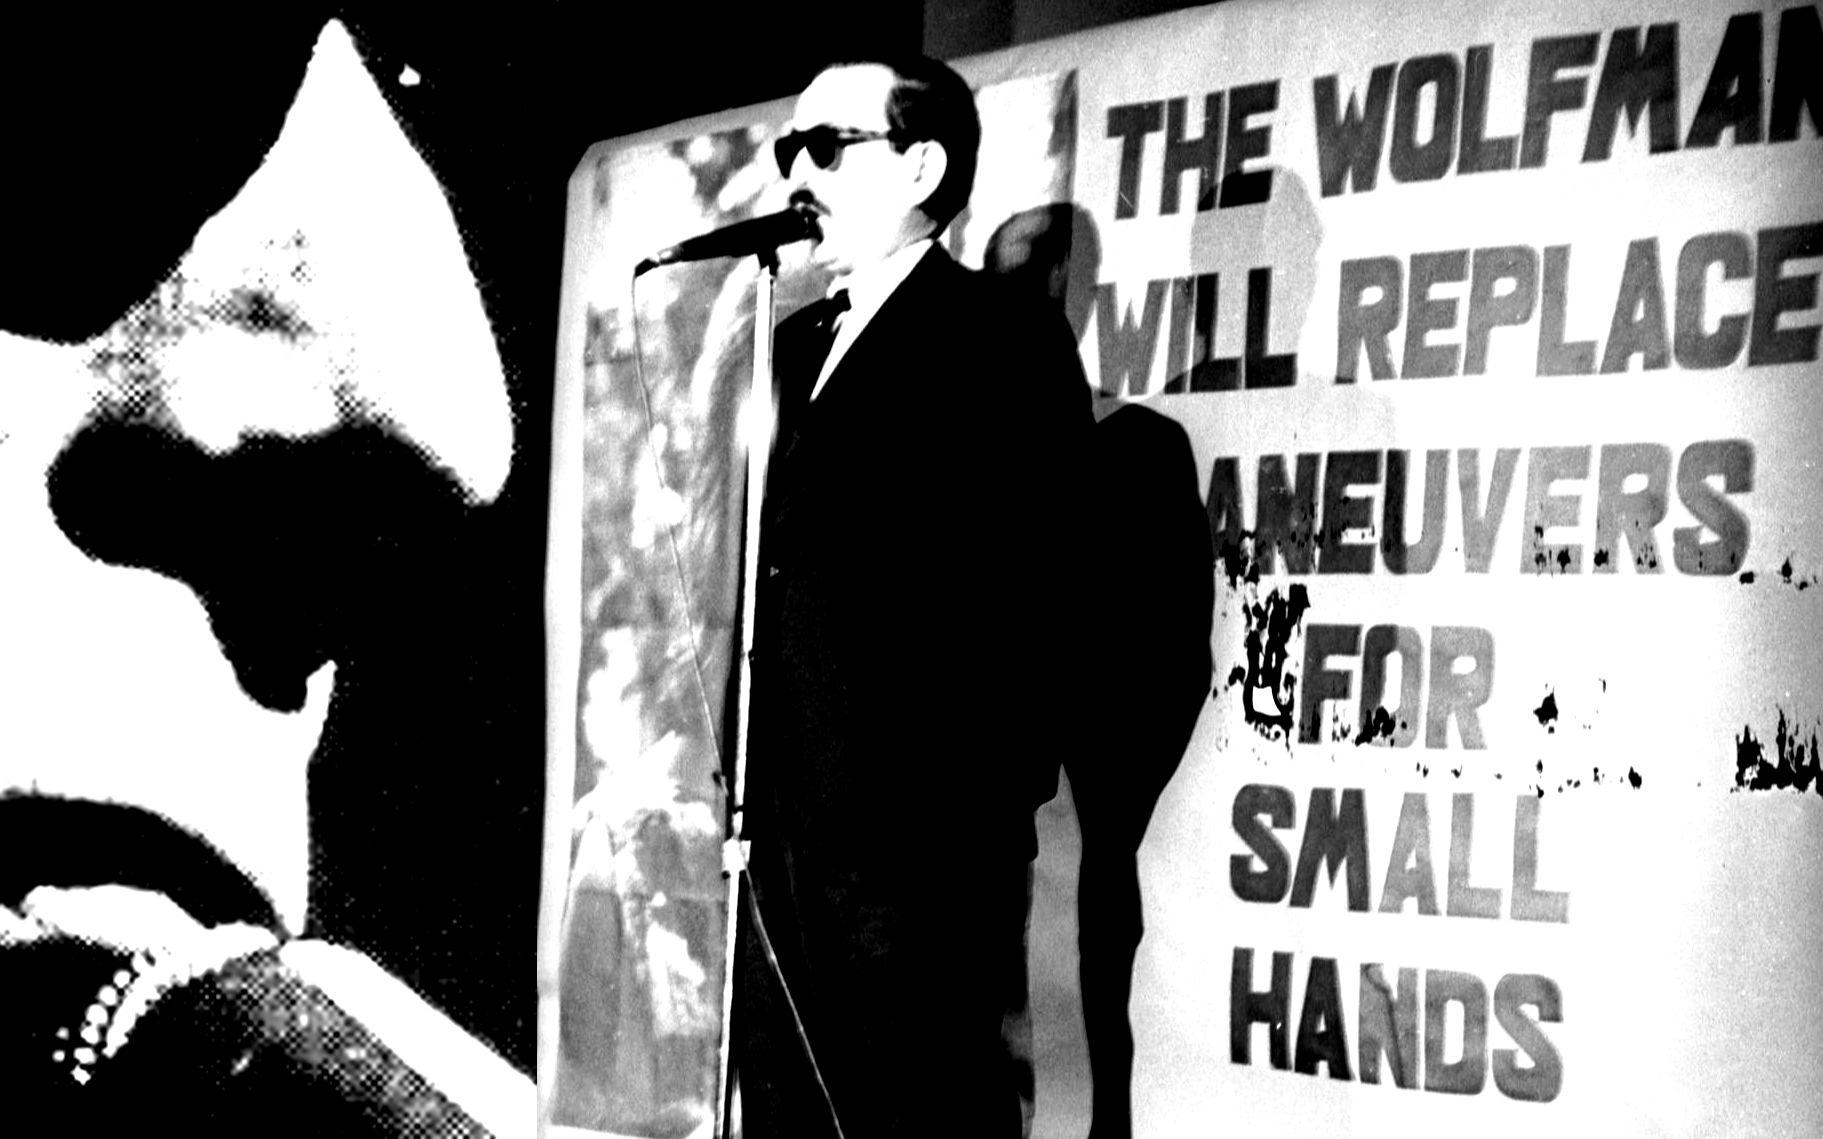 Эшли во время выступления «Wolfman»,1964